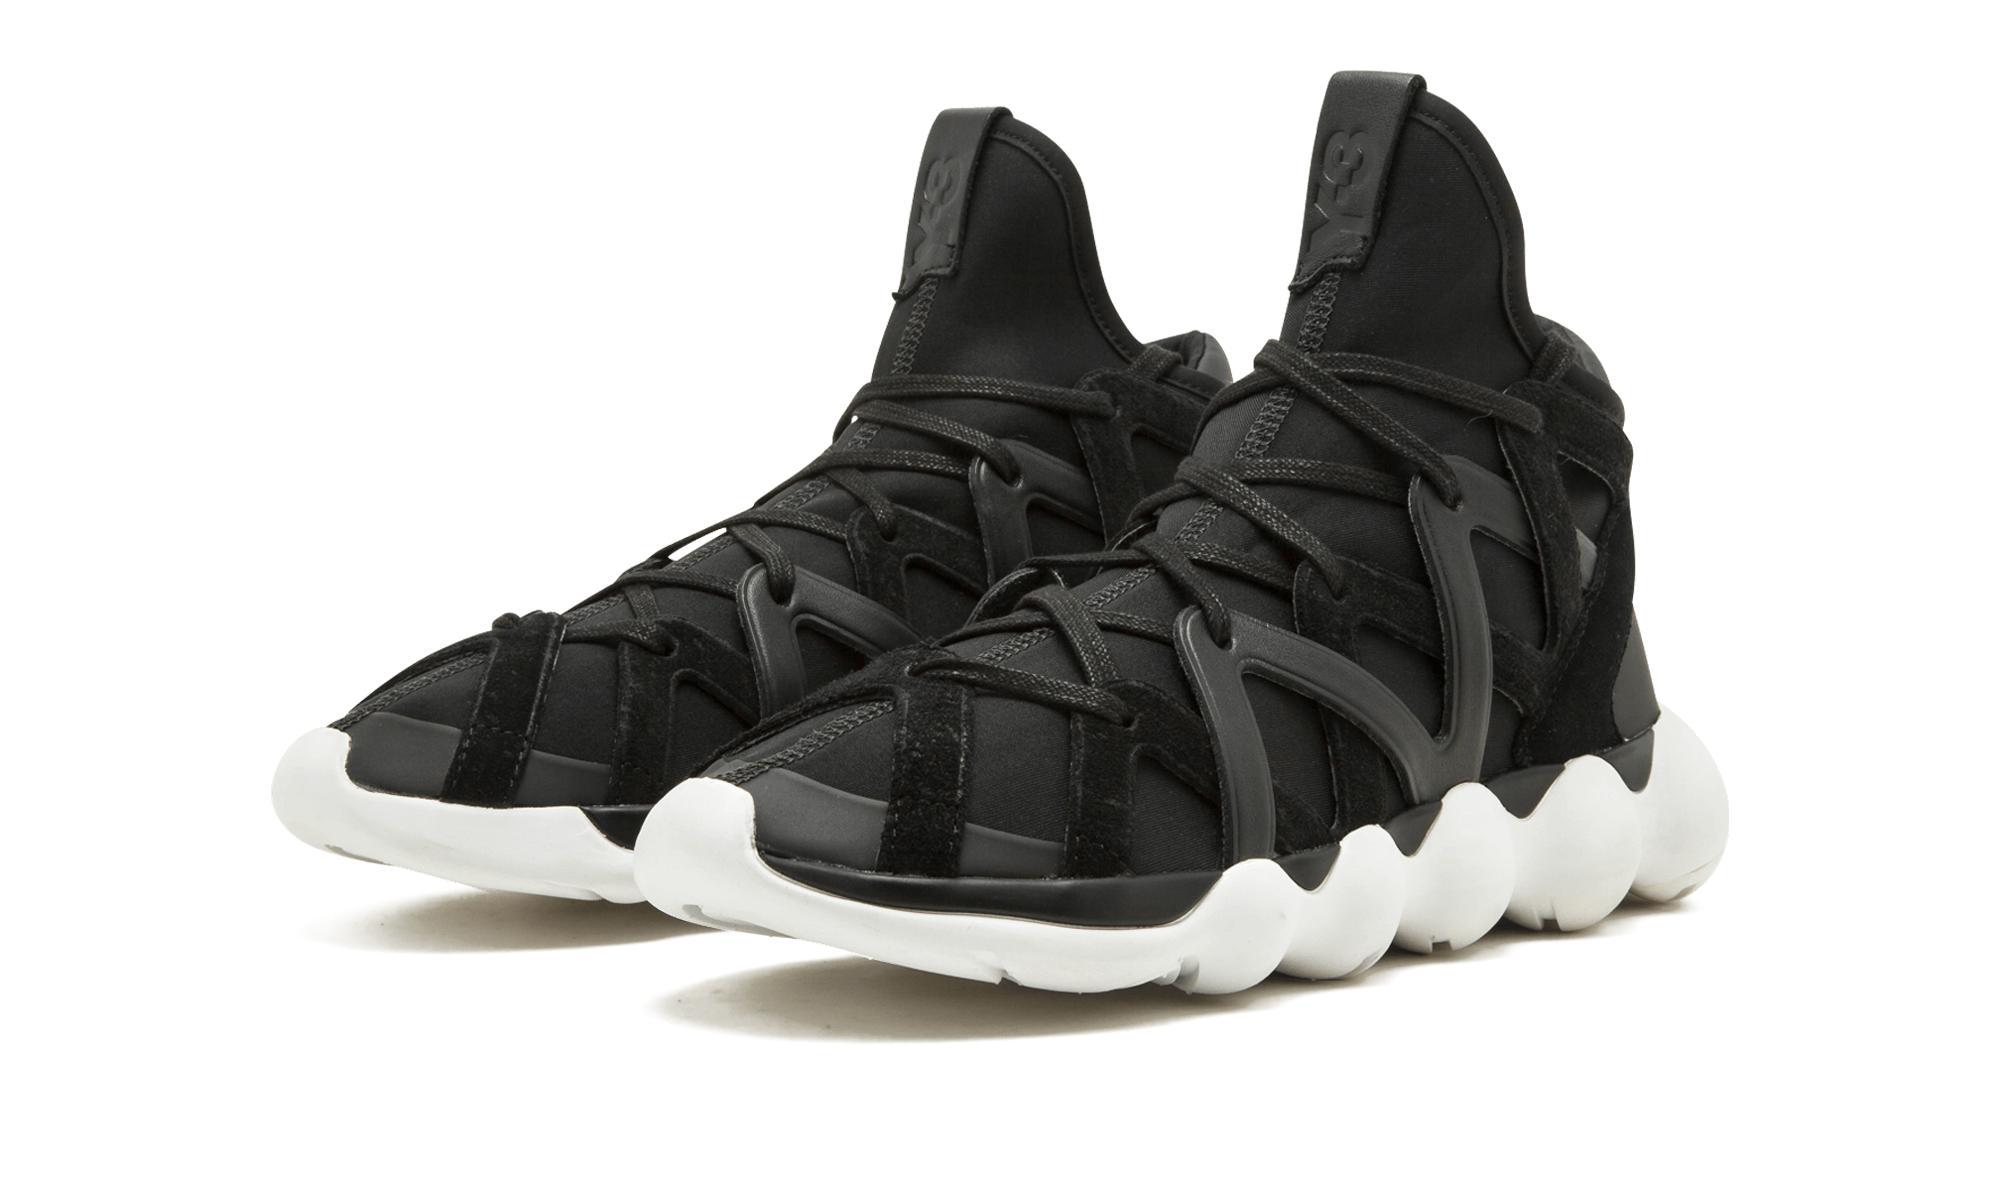 420a54a347f42 Adidas - Black Y-3 Kyujo High for Men - Lyst. View fullscreen